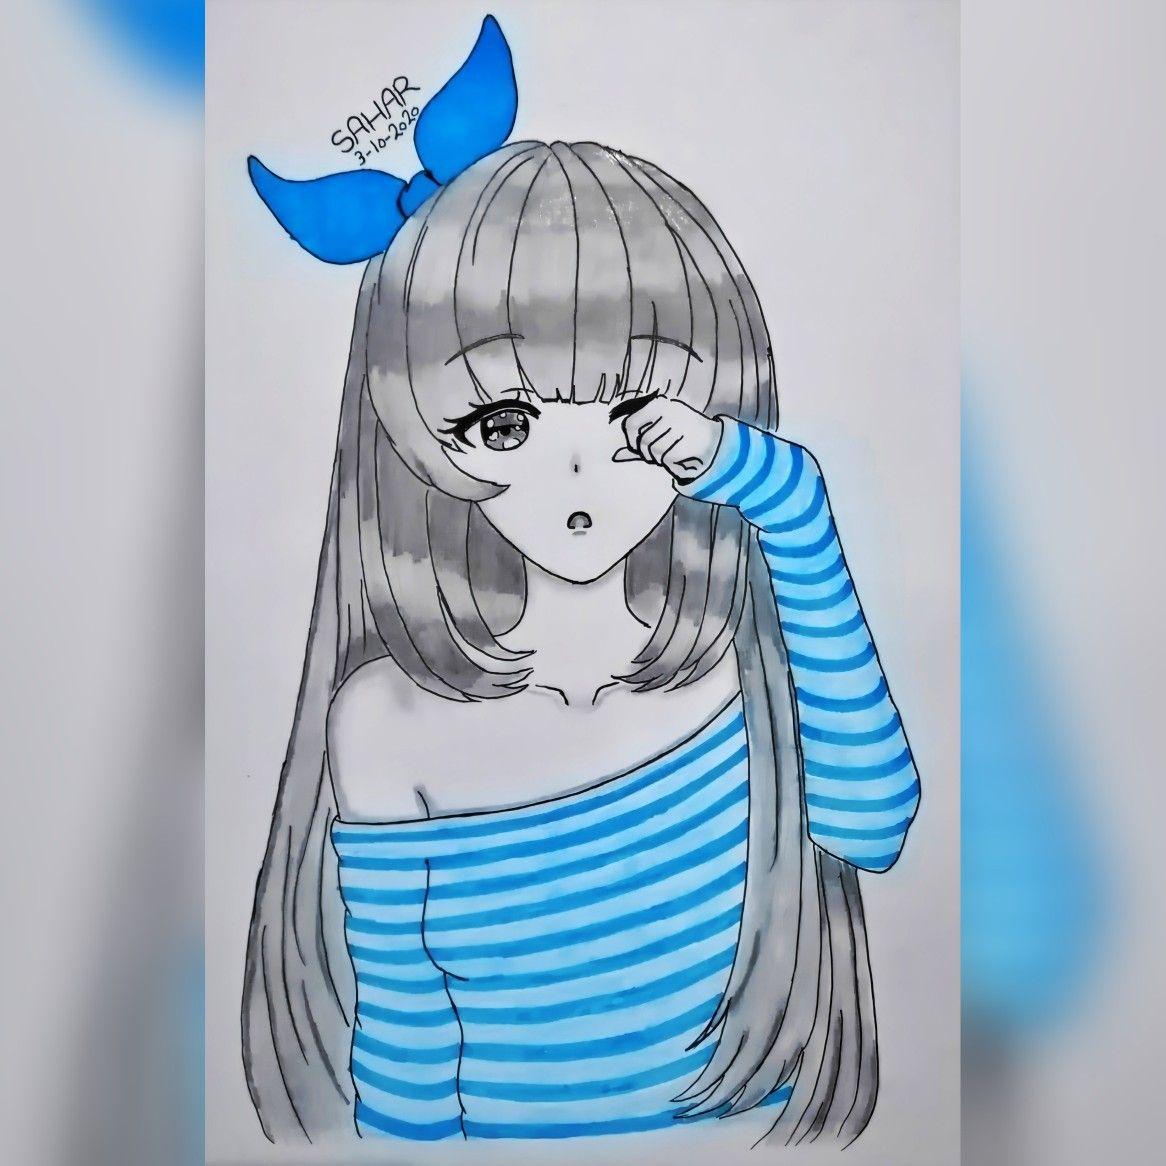 رسم فتاة انمي Enime Girl Drawing Art Anime